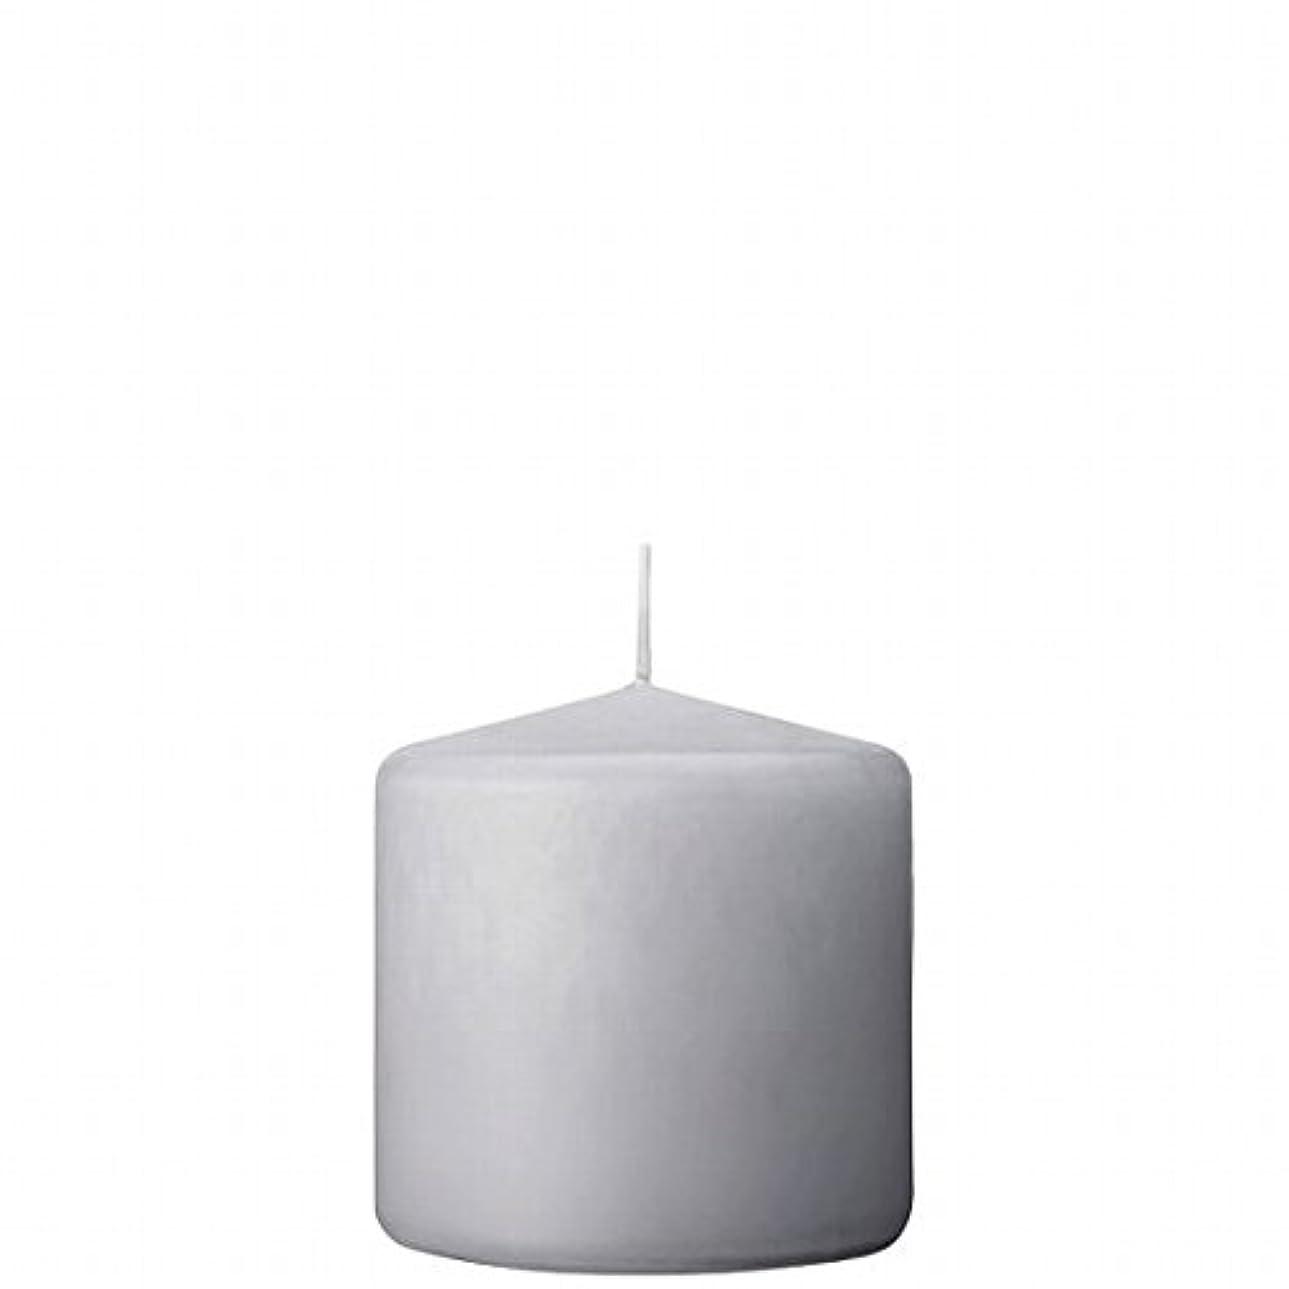 盲信編集する興奮カメヤマキャンドル(kameyama candle) 3×3ベルトップピラーキャンドル 「 ライトグレー 」